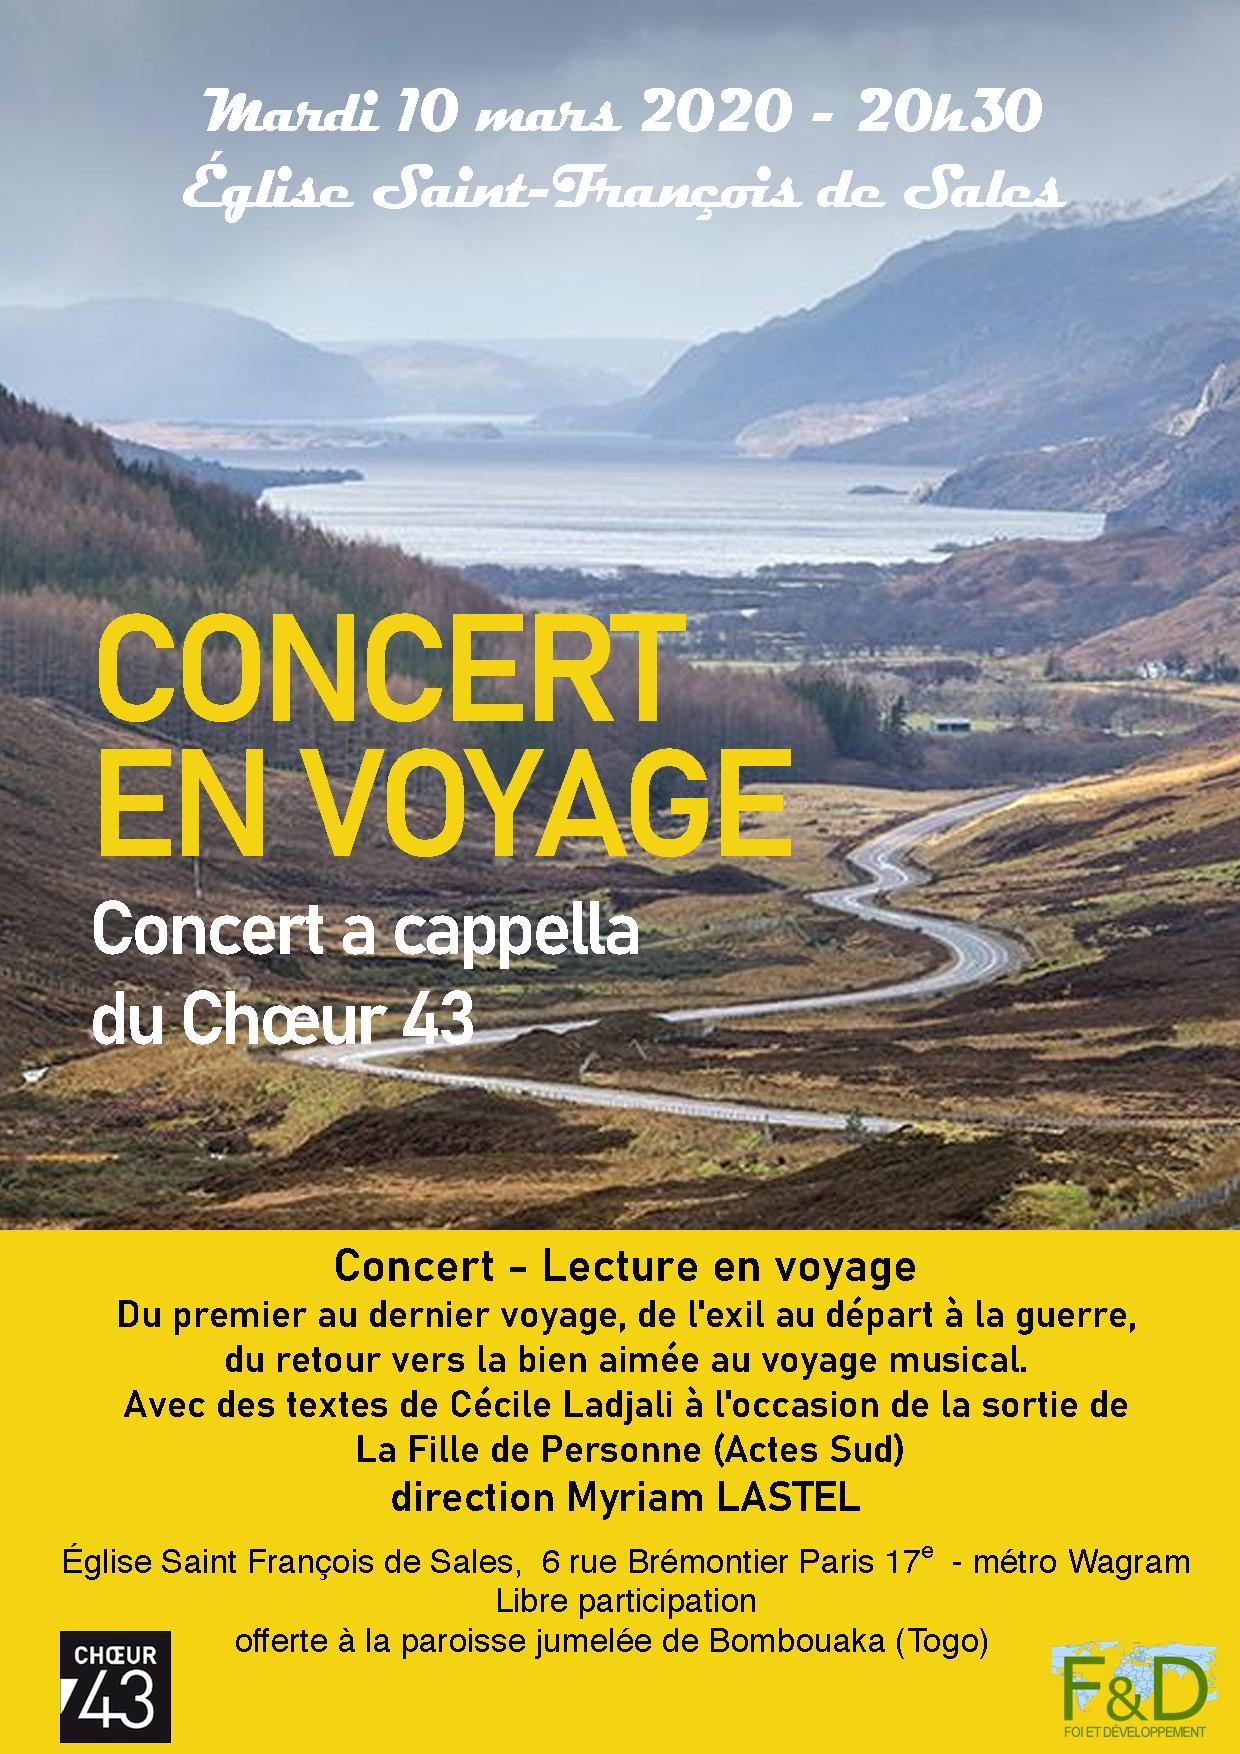 concert 43 SFS 20200310